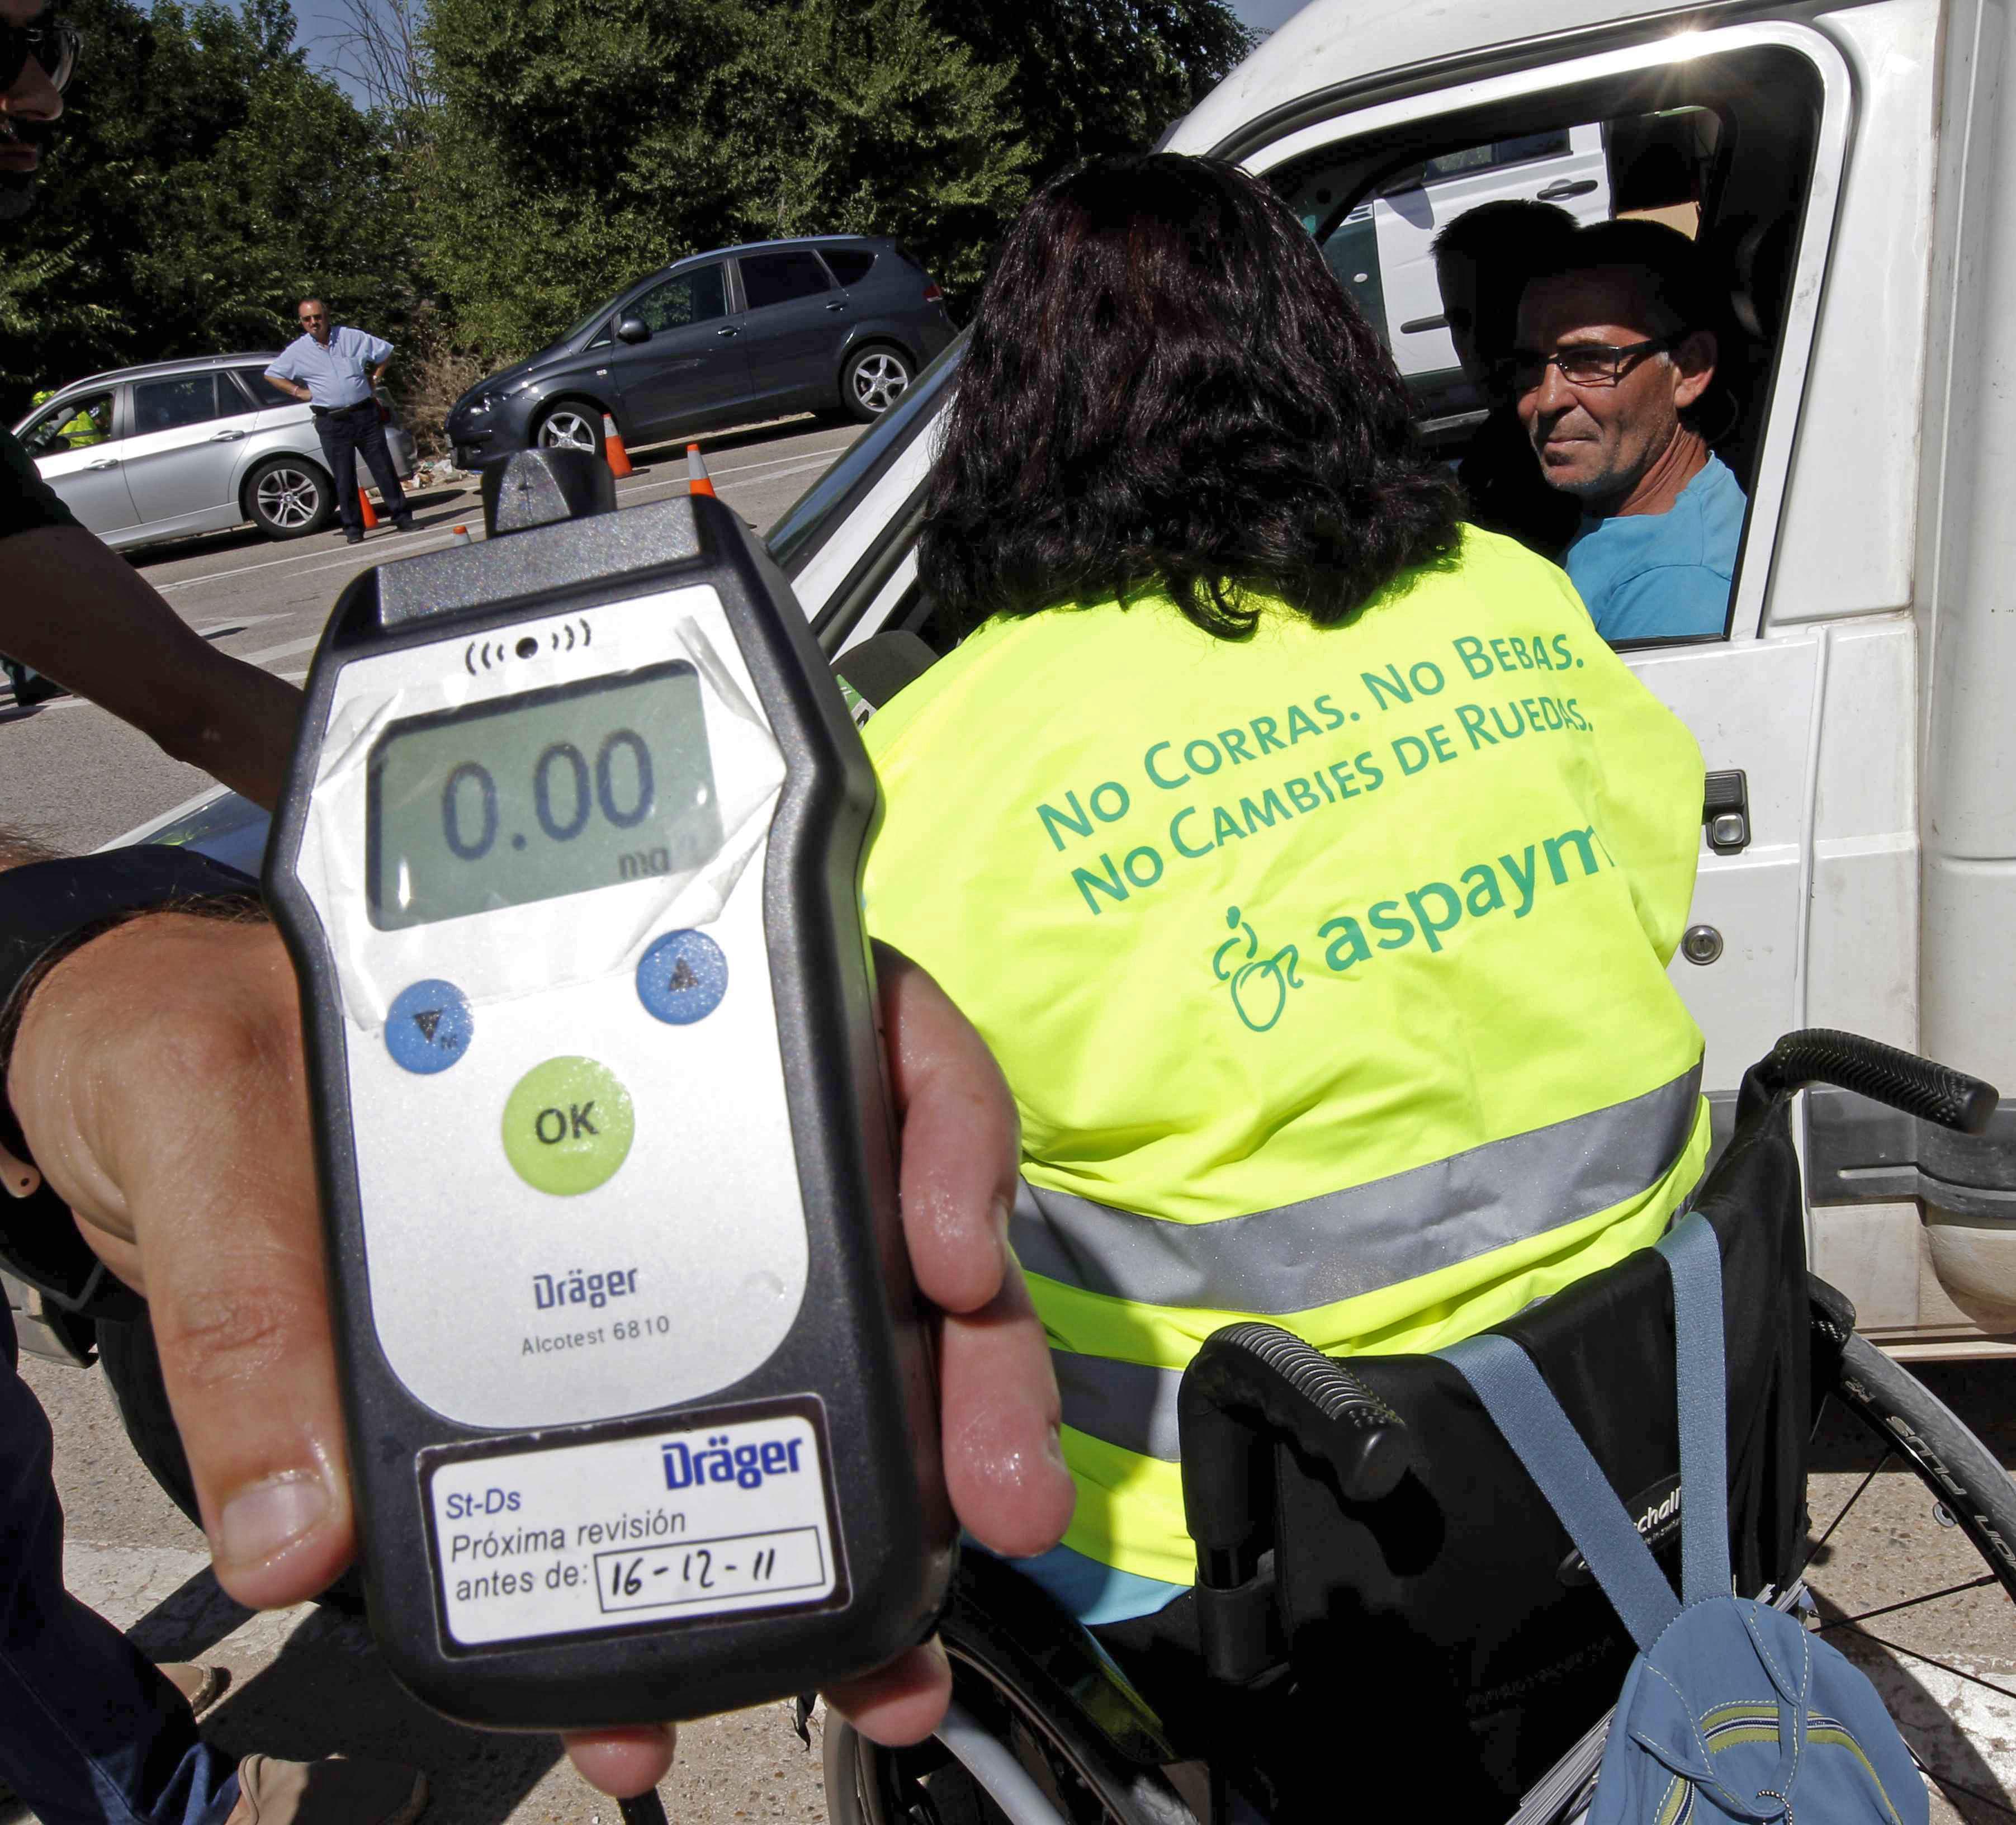 Tráfico estudia multar con 1.000 euros el consumo de alcohol al volante